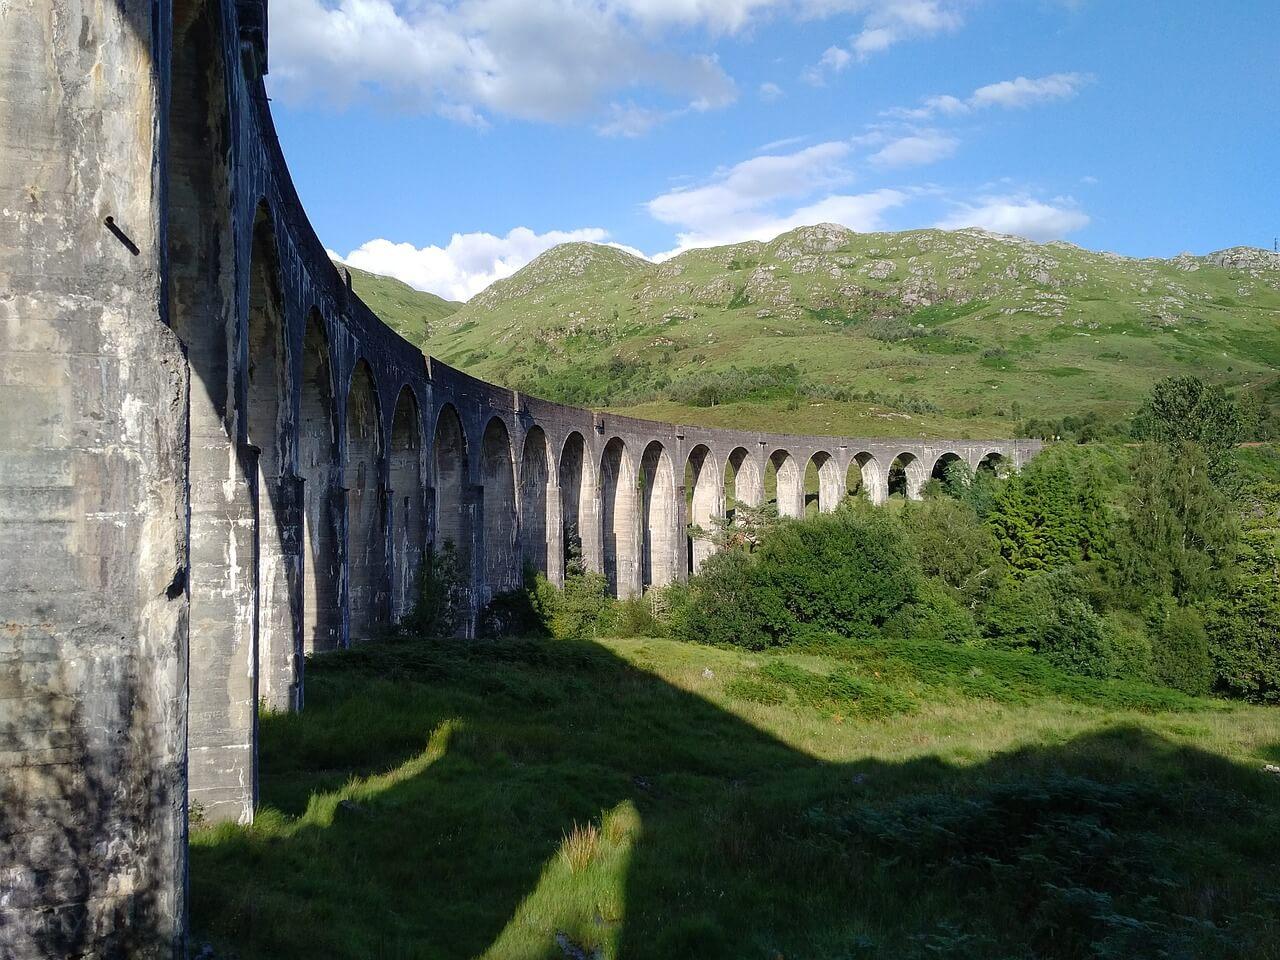 Glenfinnan bridge